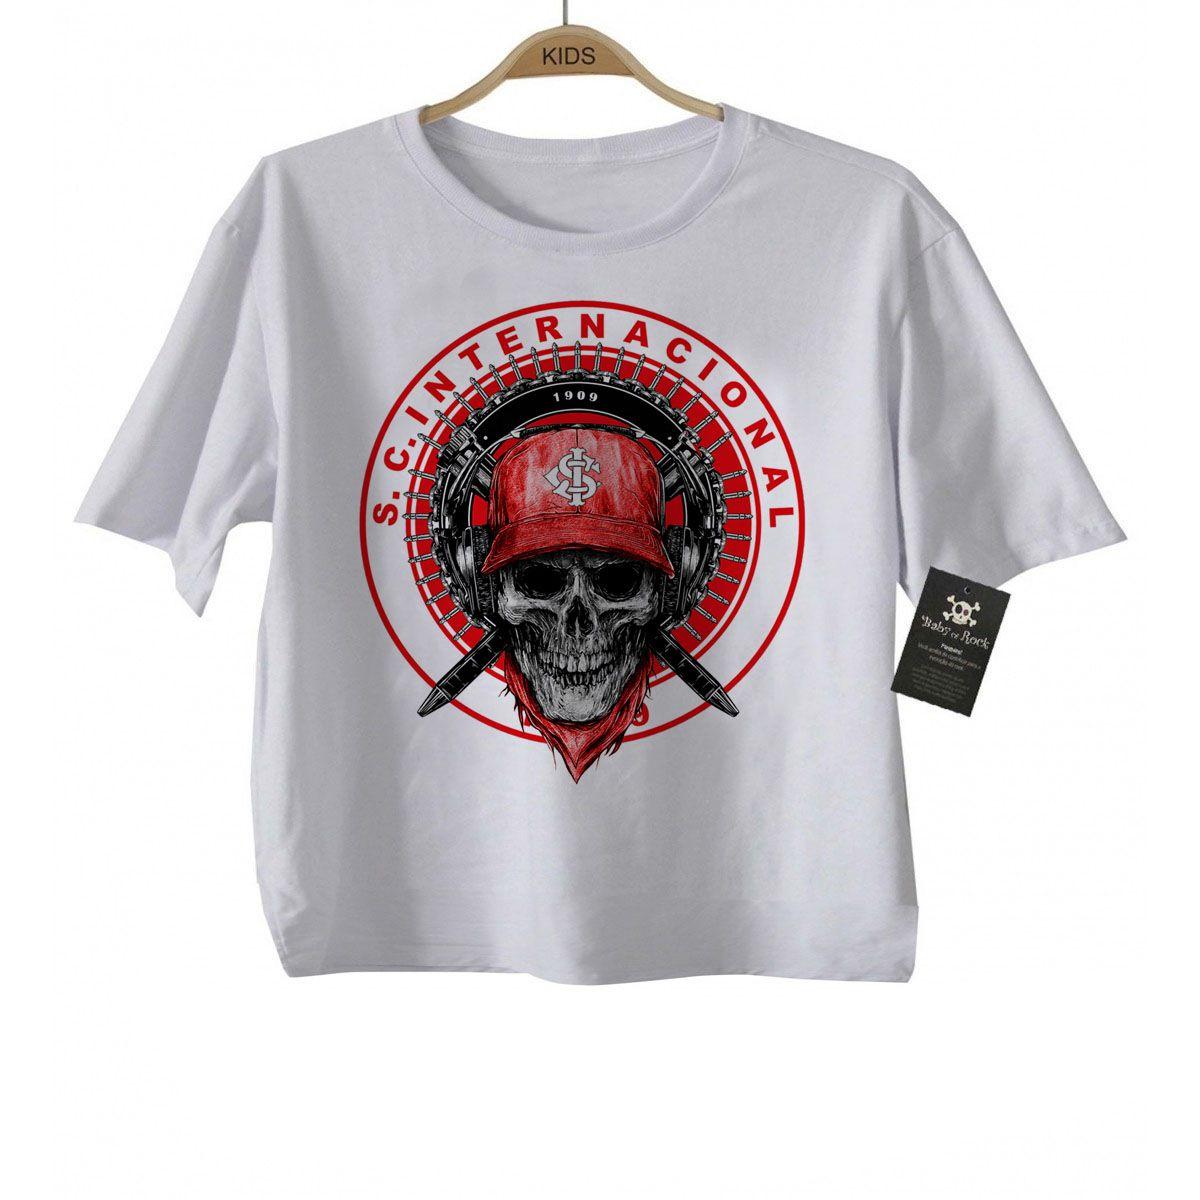 Camiseta Infantil   Interl Time - White  - Baby Monster S/A